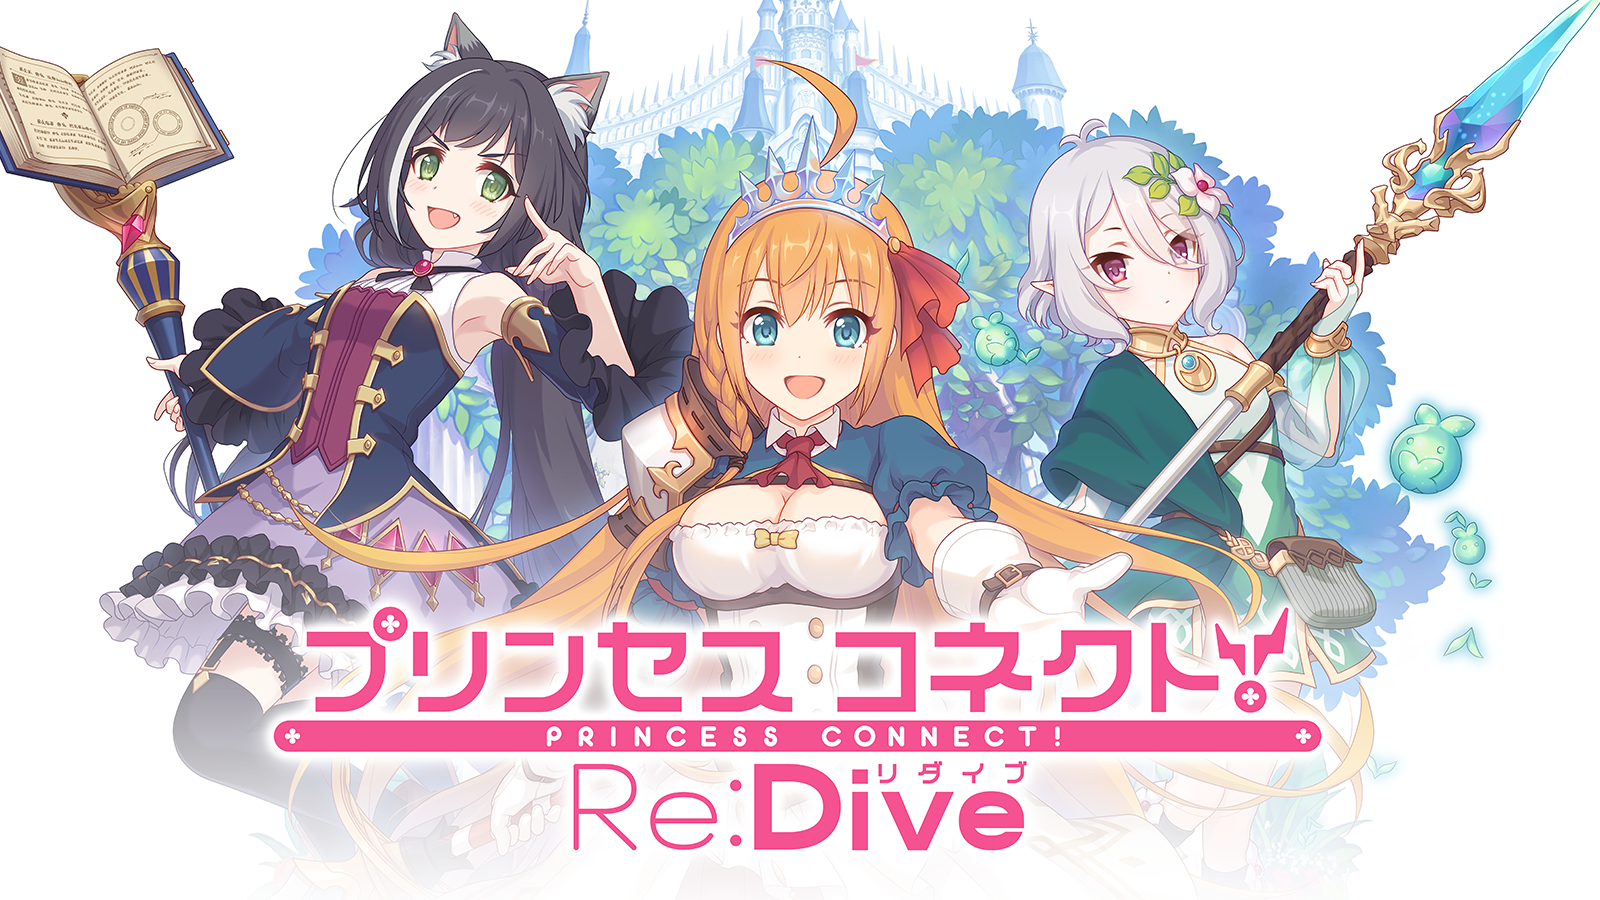 Princess Connect! Re:Dive